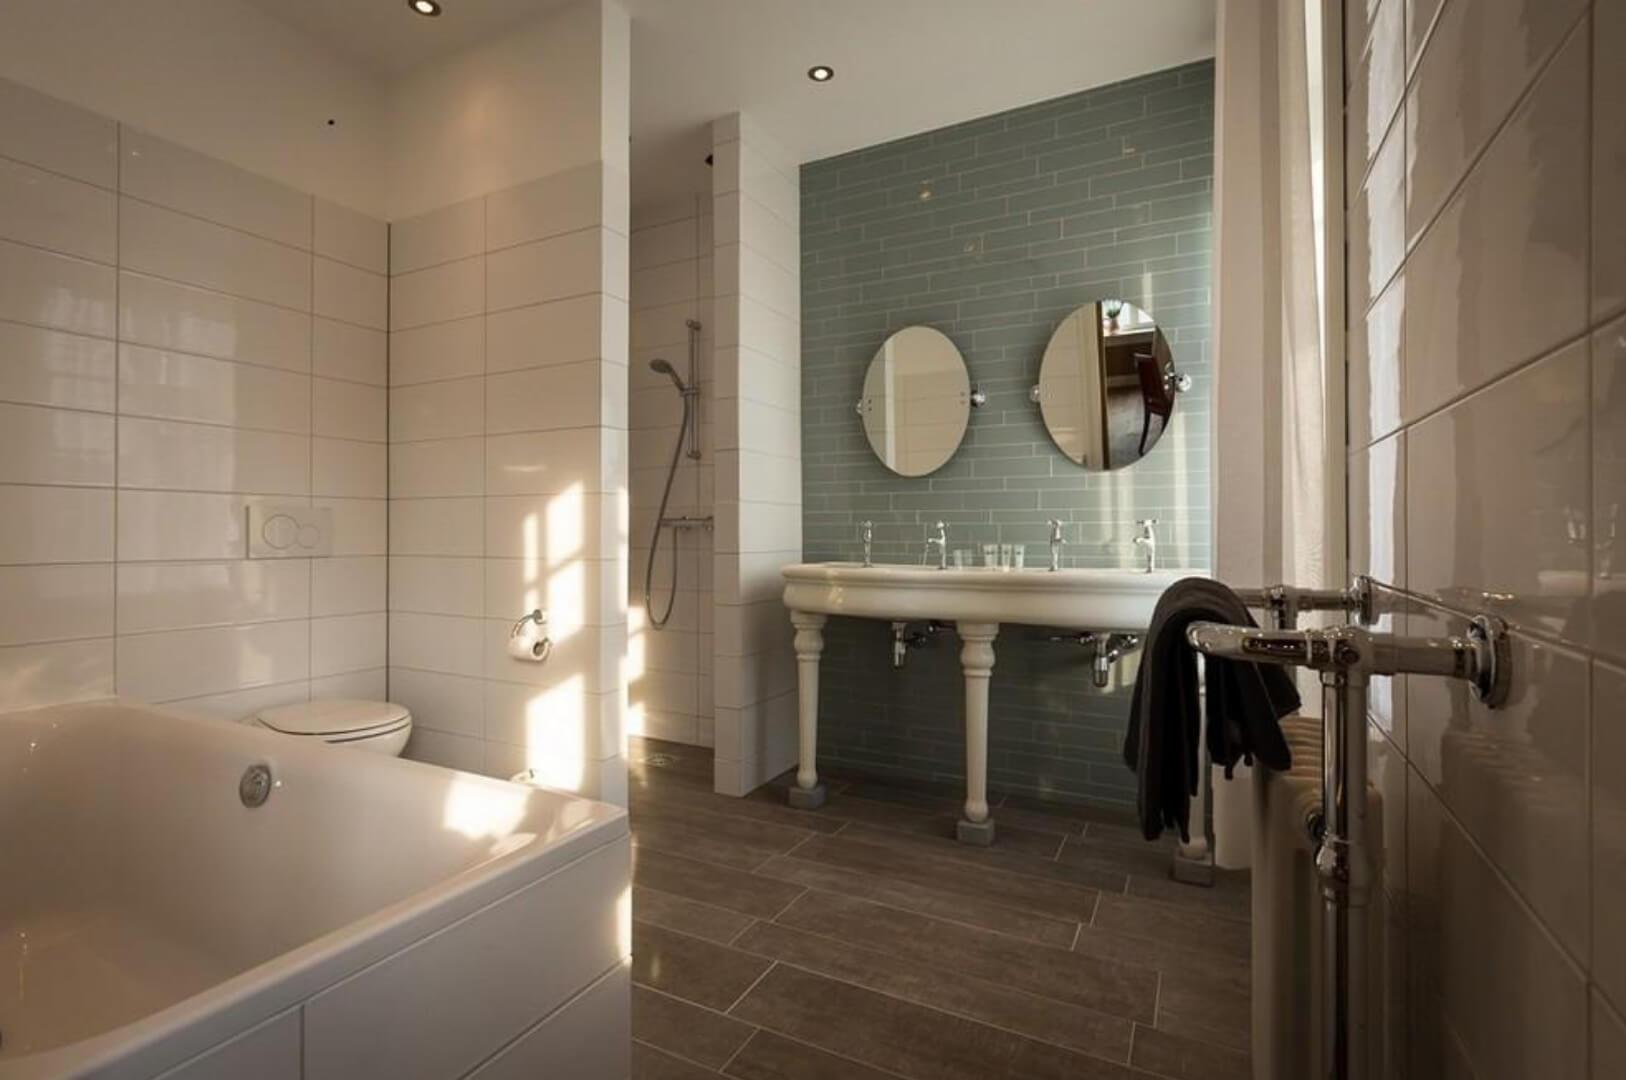 Luxe Villa Badkamer : Vakantiehuis voor personen een luxe vill homeaway